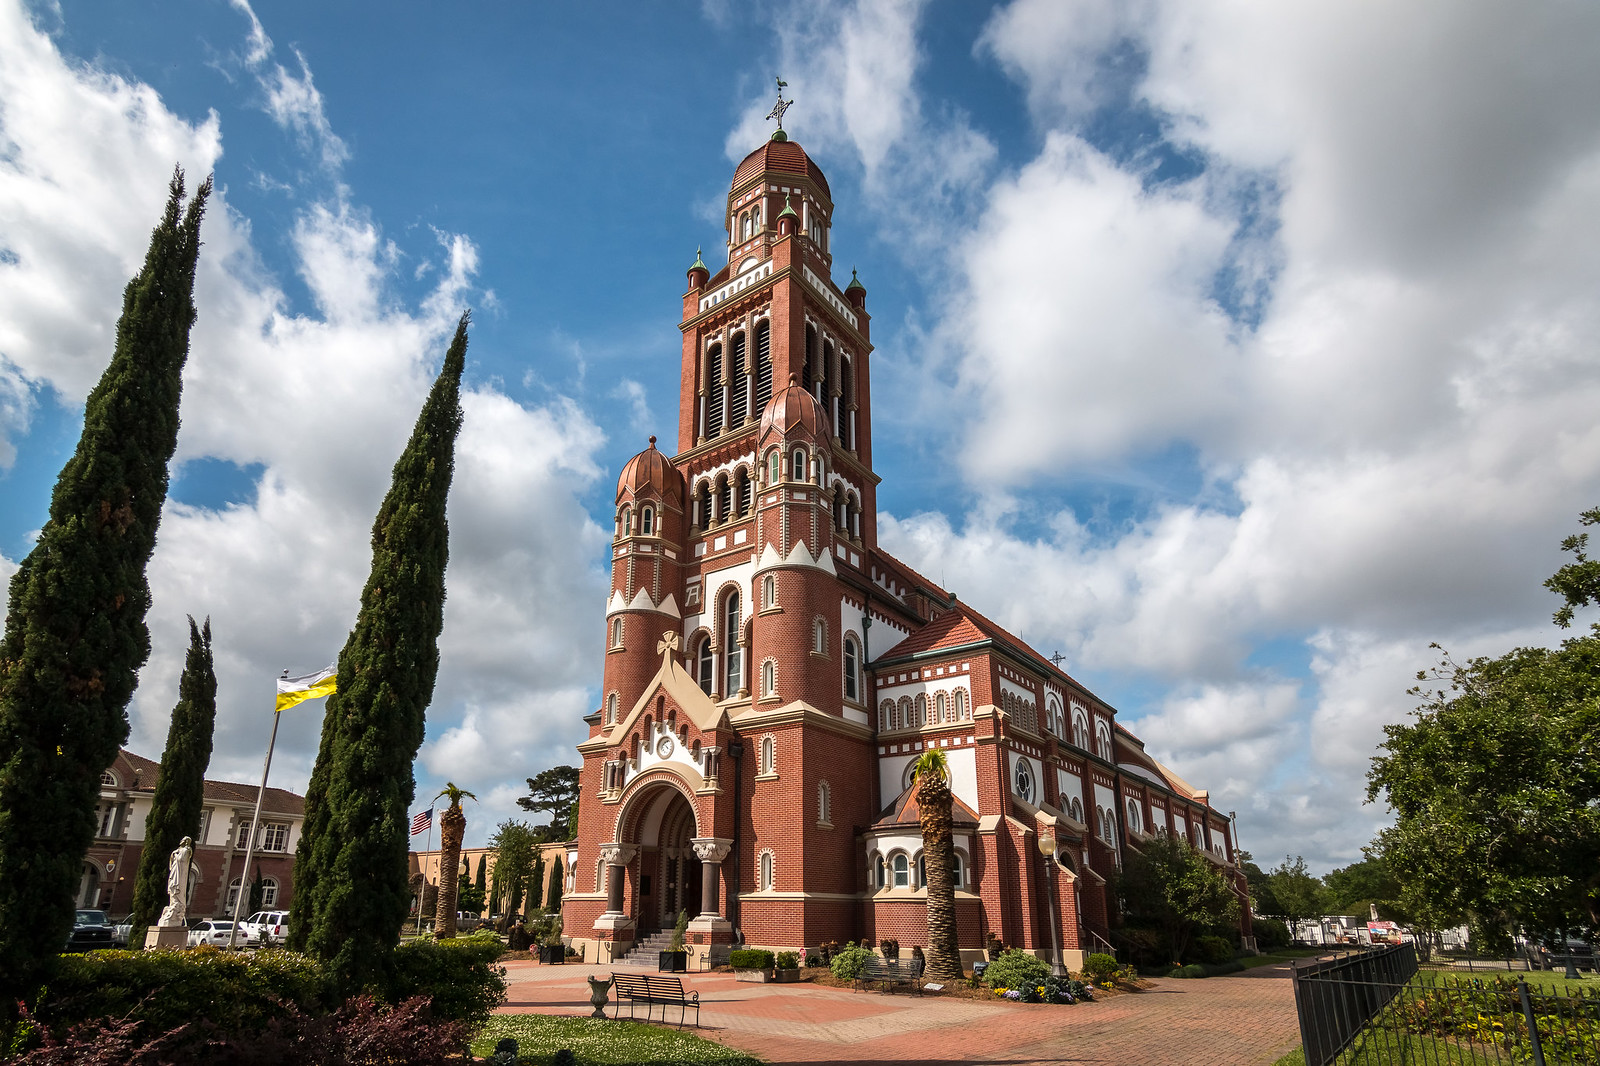 Lafayette - Louisiane - [USA]